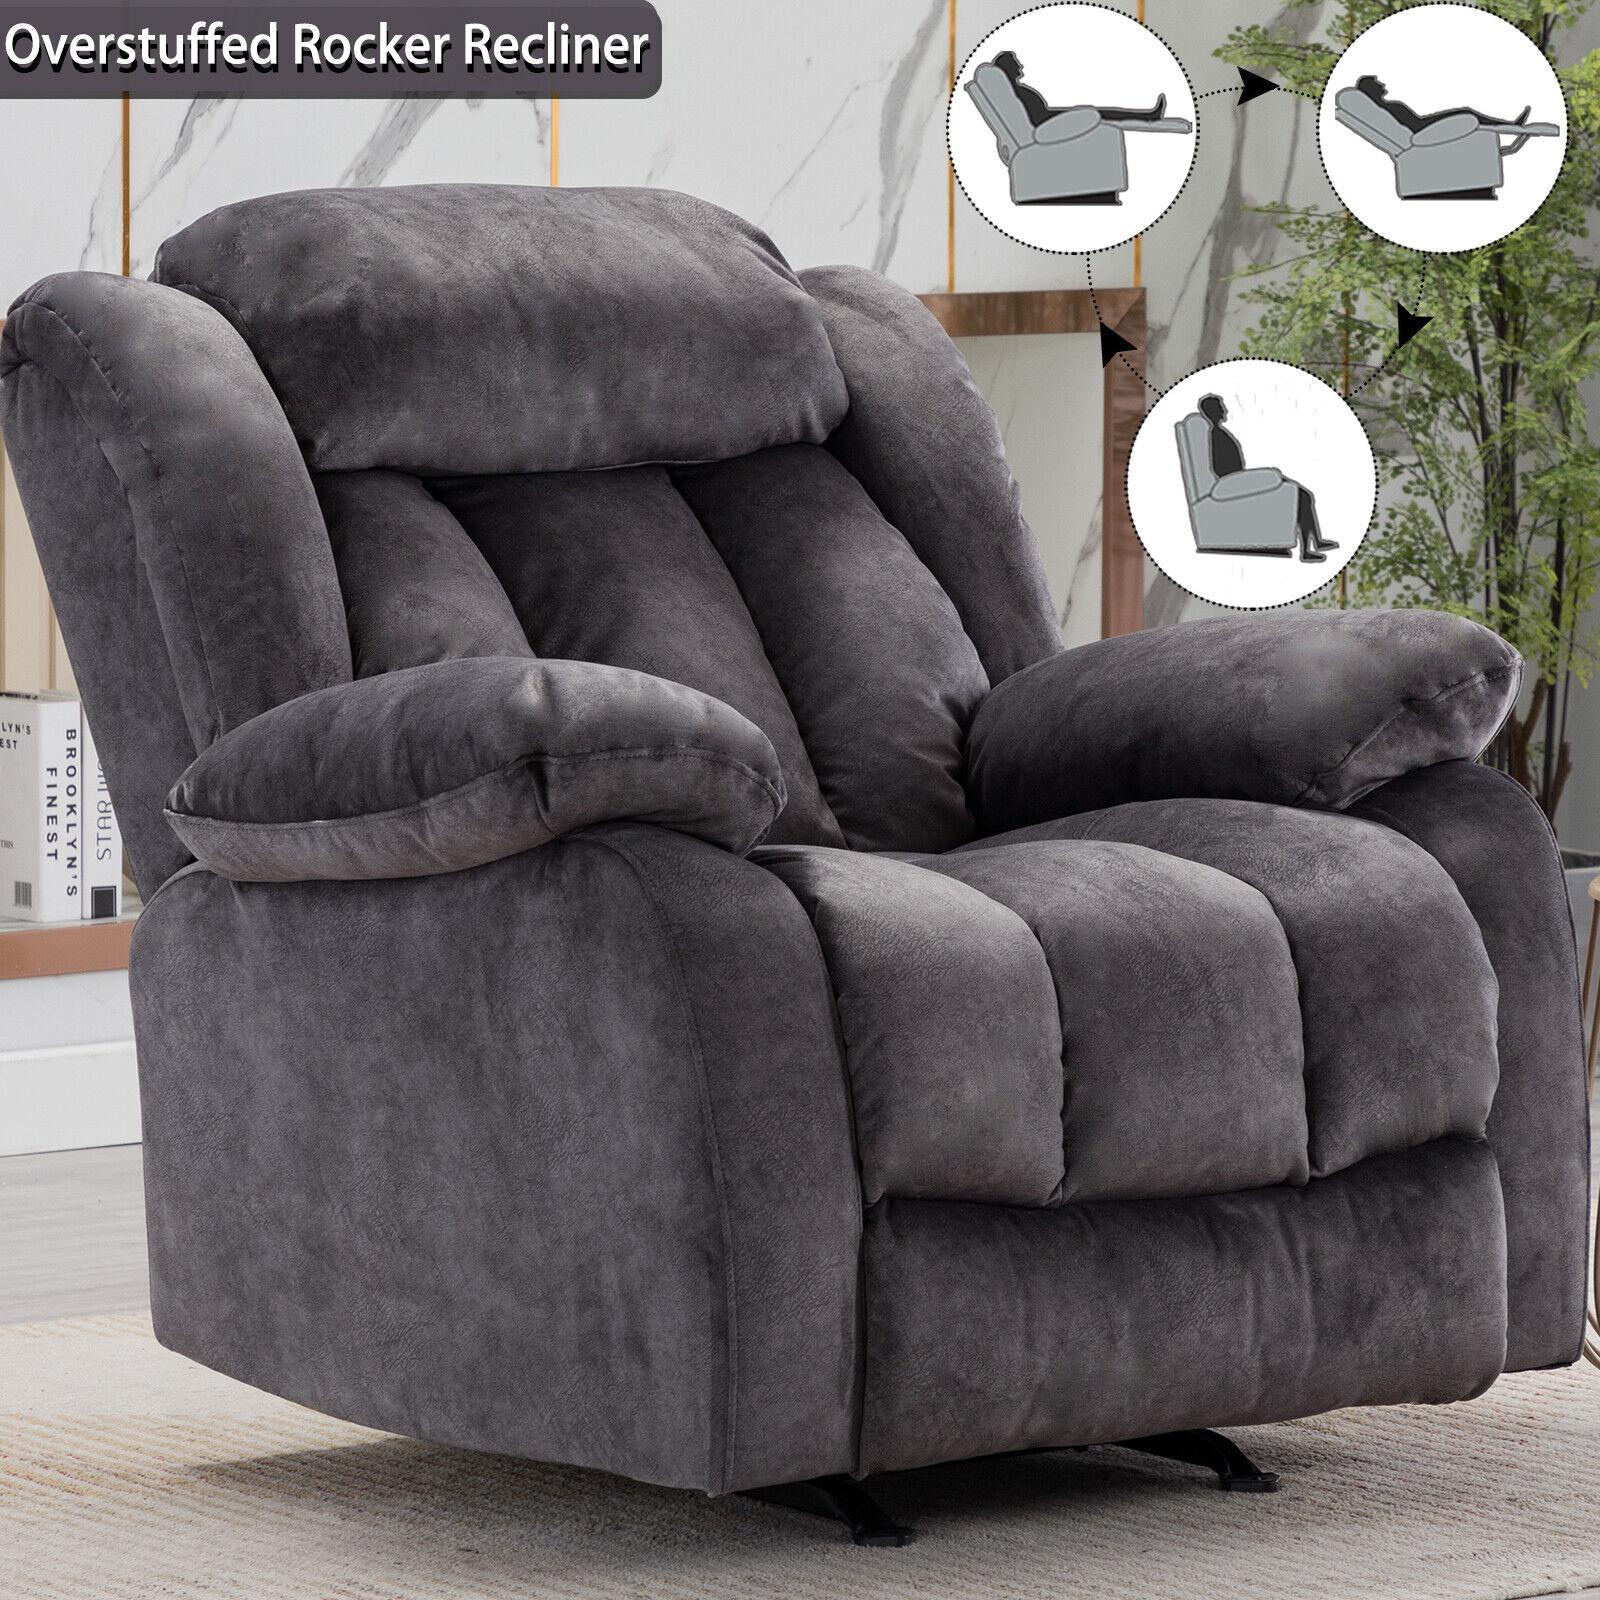 overstuffed rocker recliner chair bayby glider chair